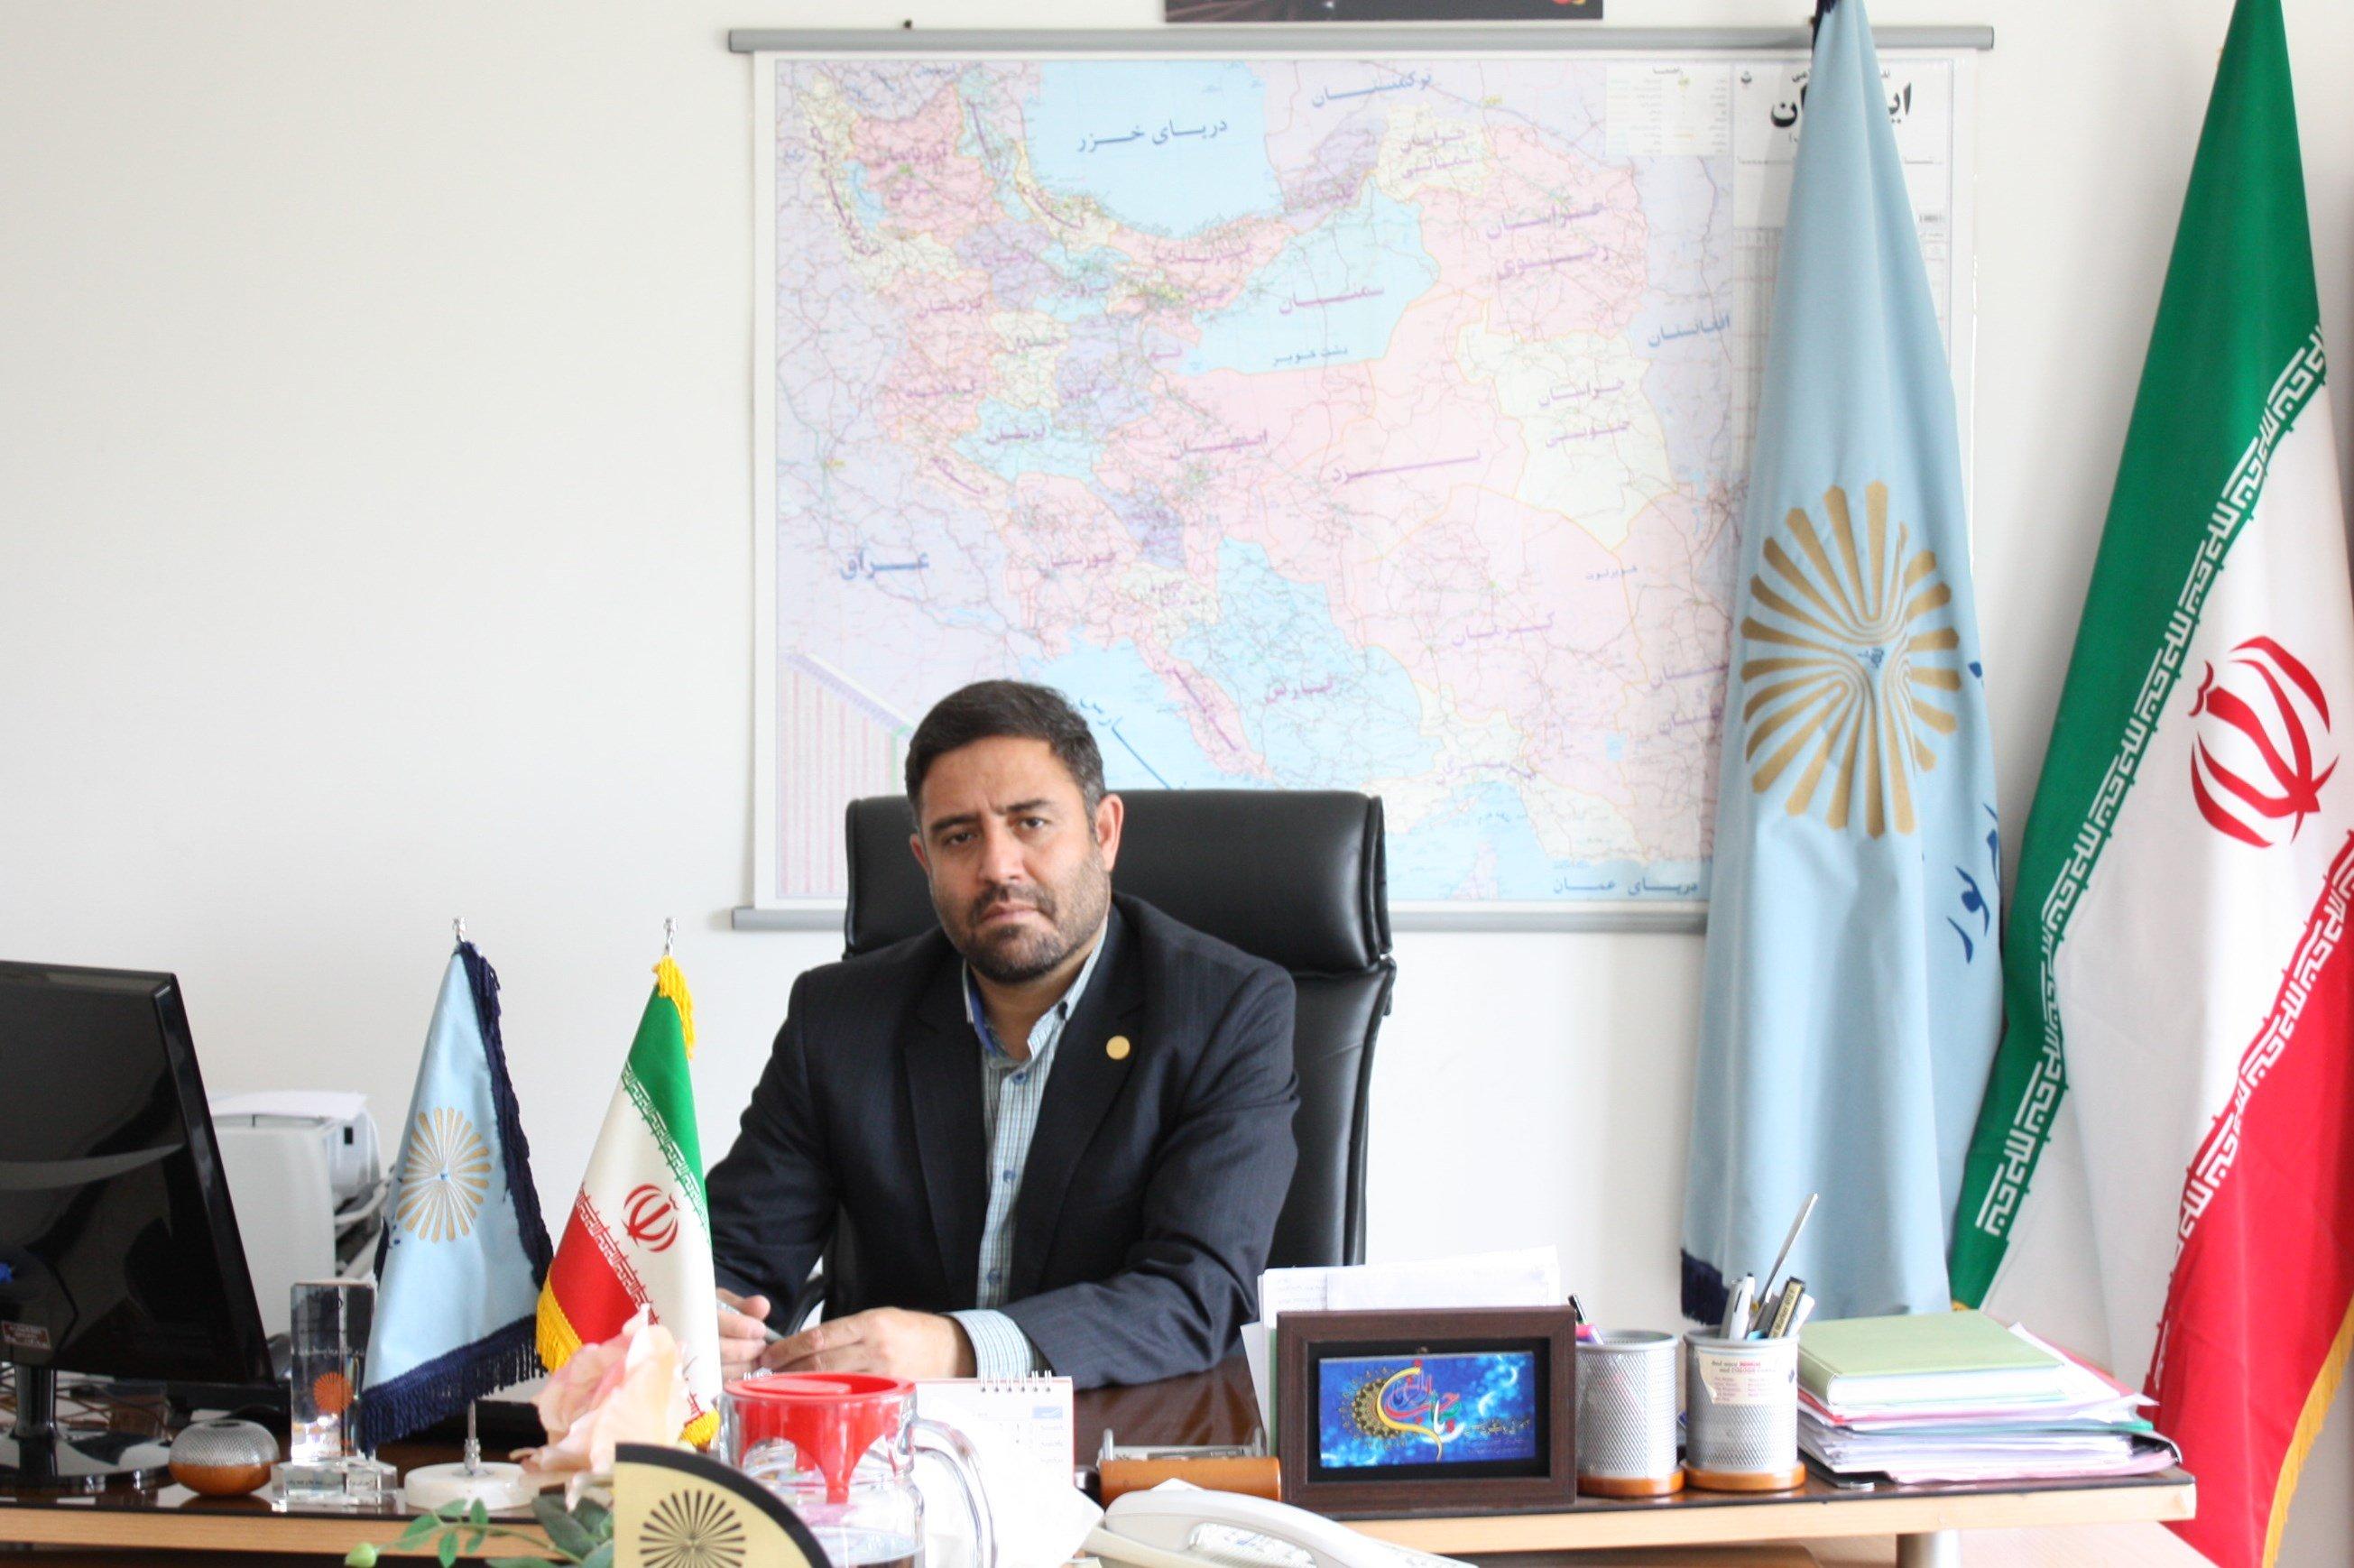 رئیس بسیج کارکنان دانشگاه پیام نور: هفته بسیج فرصتی است تا فرهنگ بسیجی را به نسل جدید منتقل کنیم